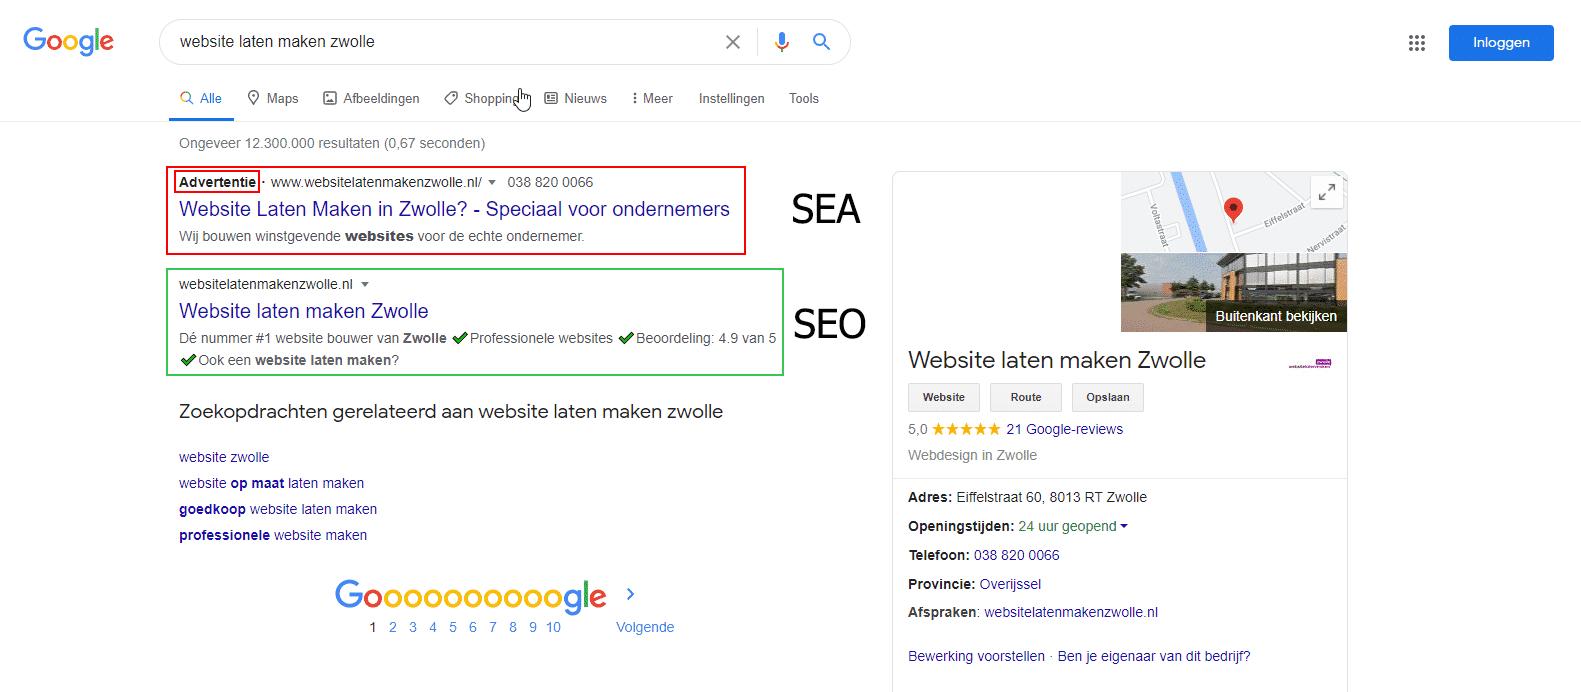 Het verschil tussen seo en sea